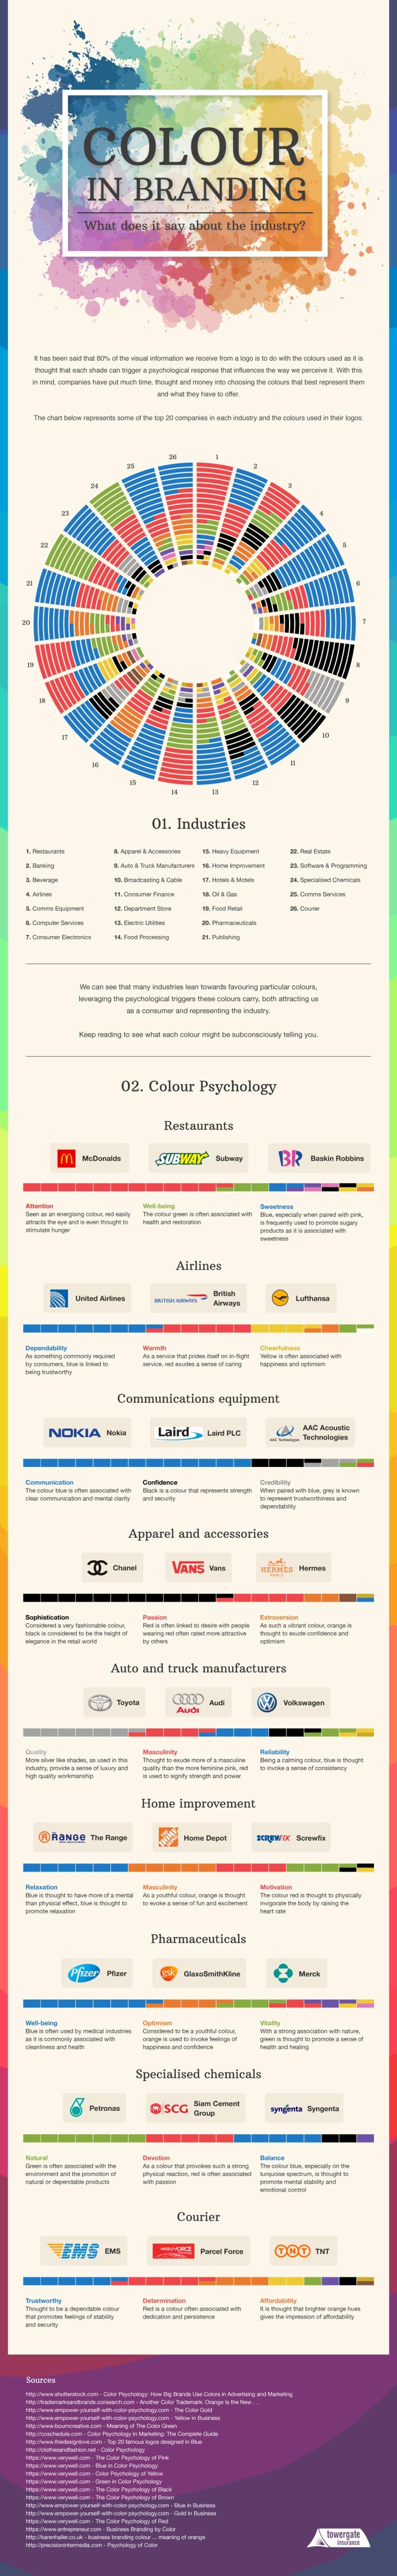 La importancia del color en el Branding